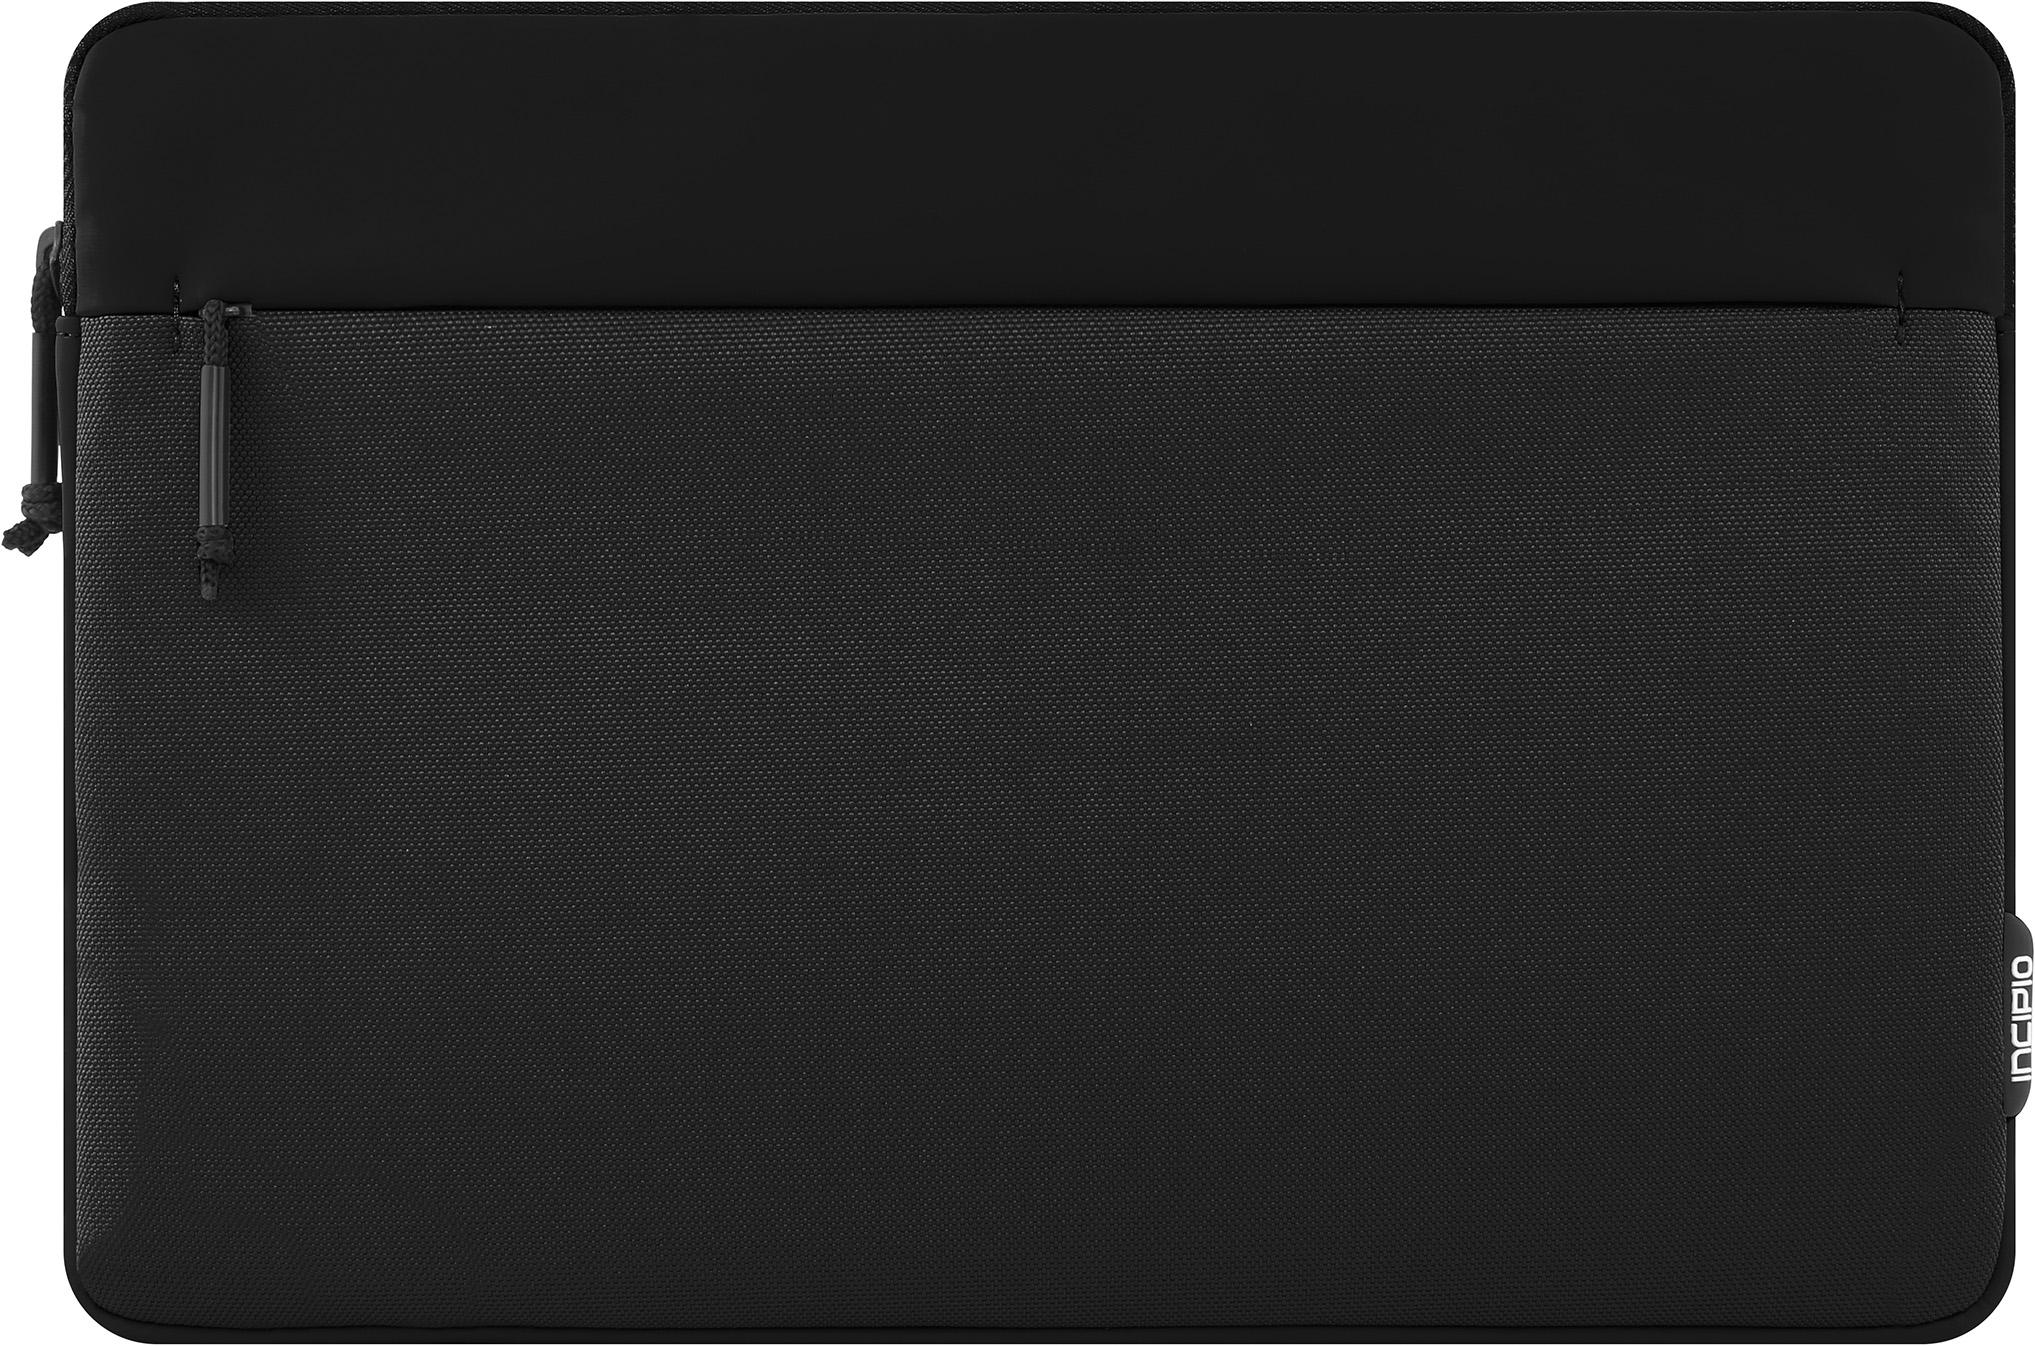 マイクロソフト♪Incipio Truman 保護パッド入りスリーブ (ブラック)♪6237円♪